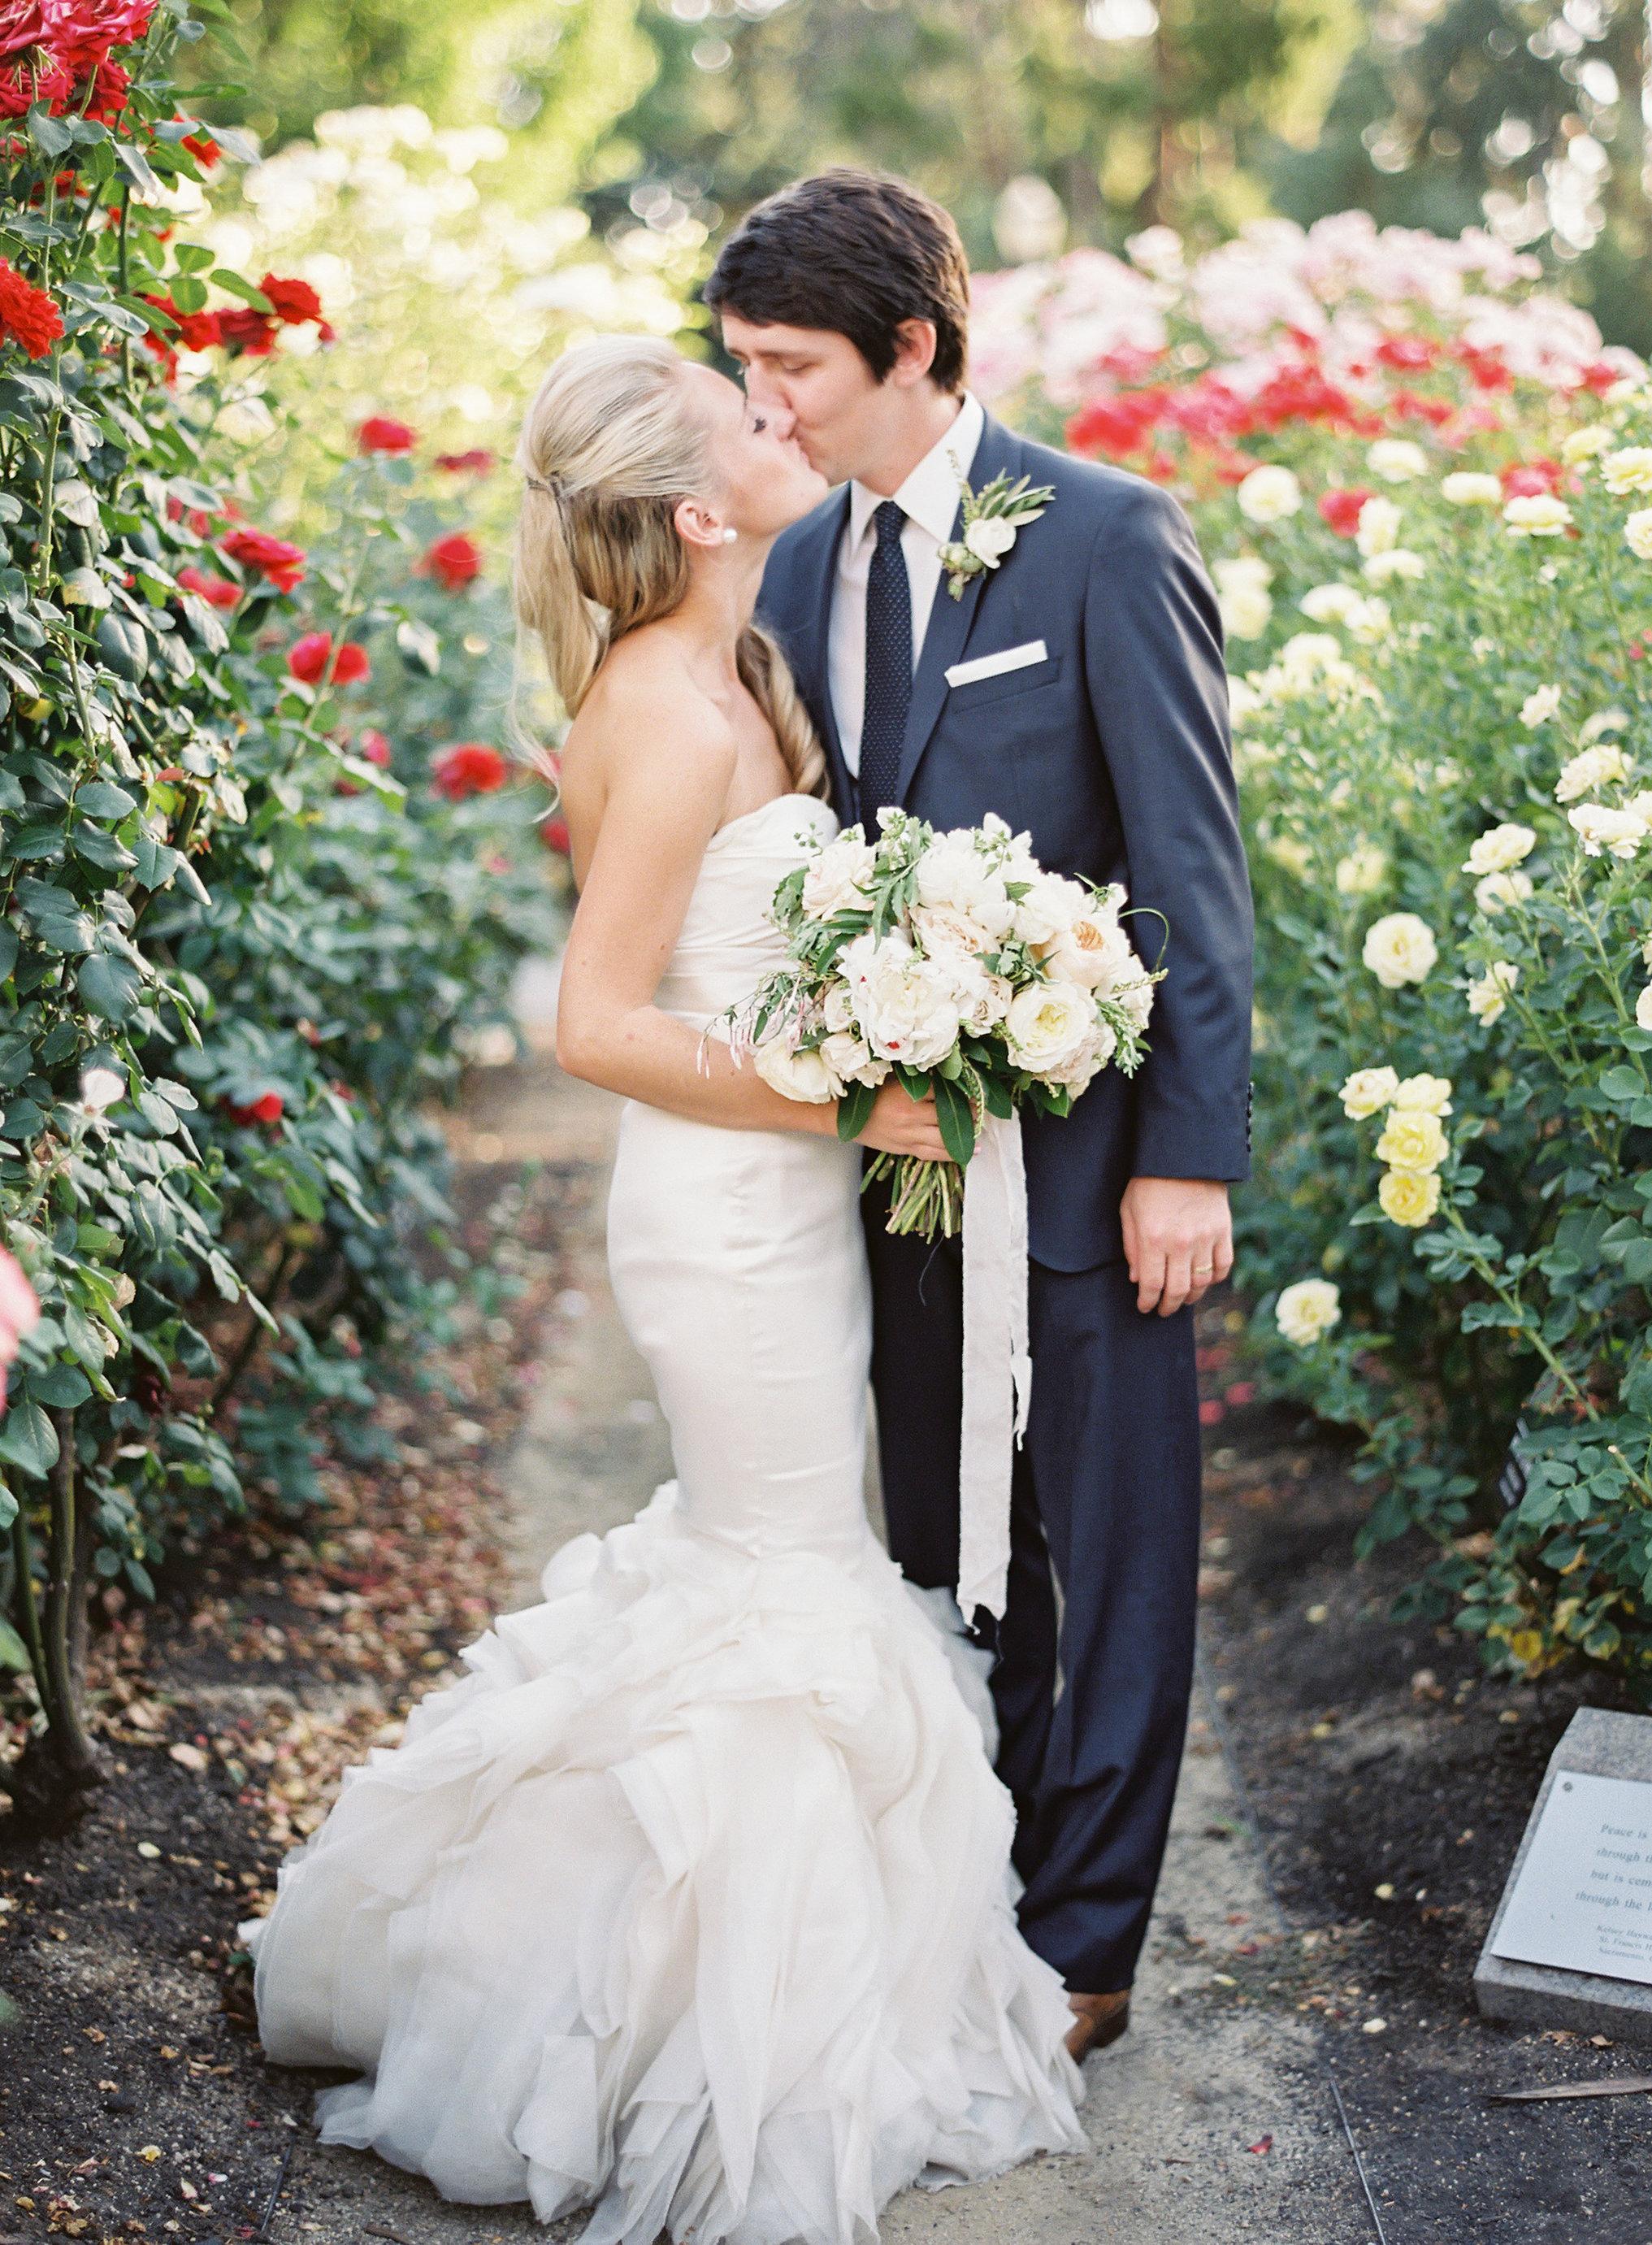 Andrea varat wedding